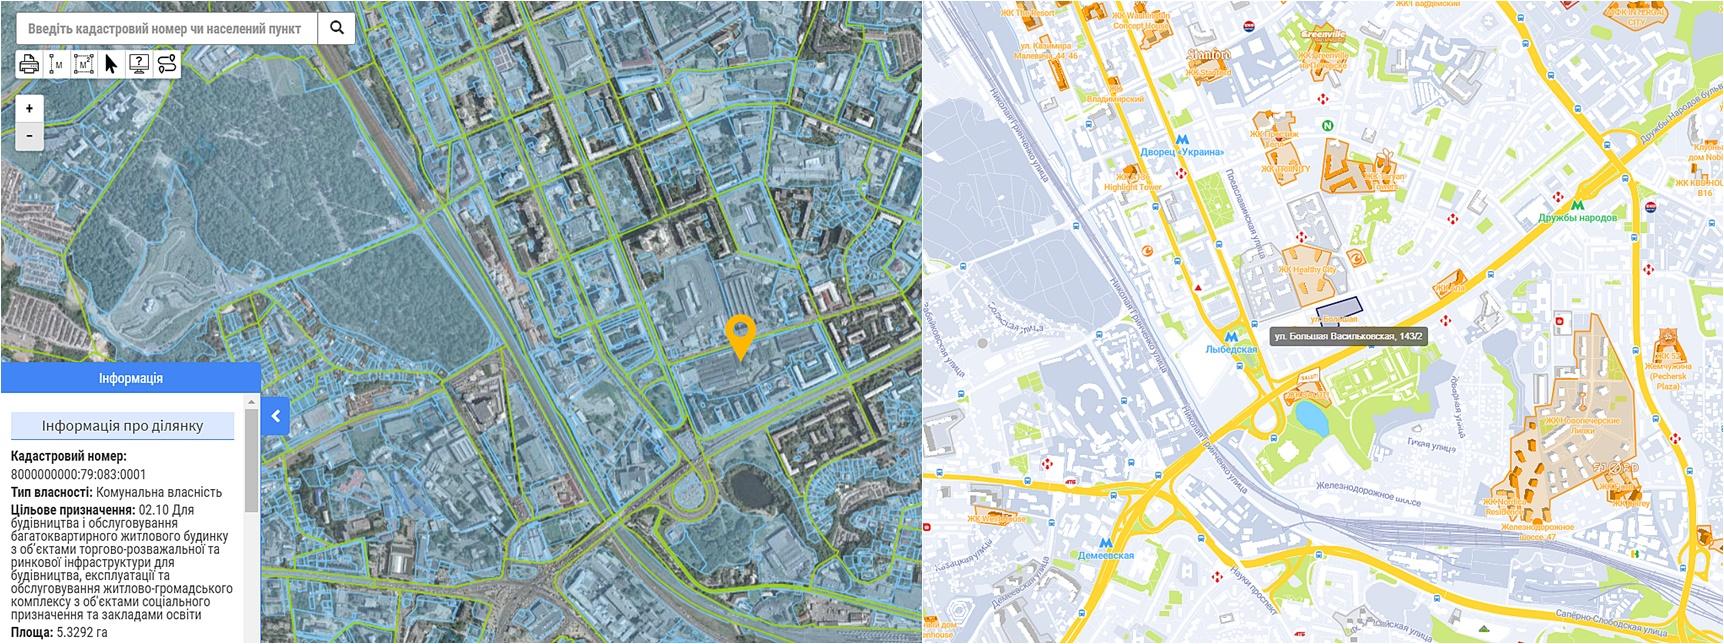 Проект ЖК по ул. Большая Васильковская, 143/2 данные кадастра и на карте